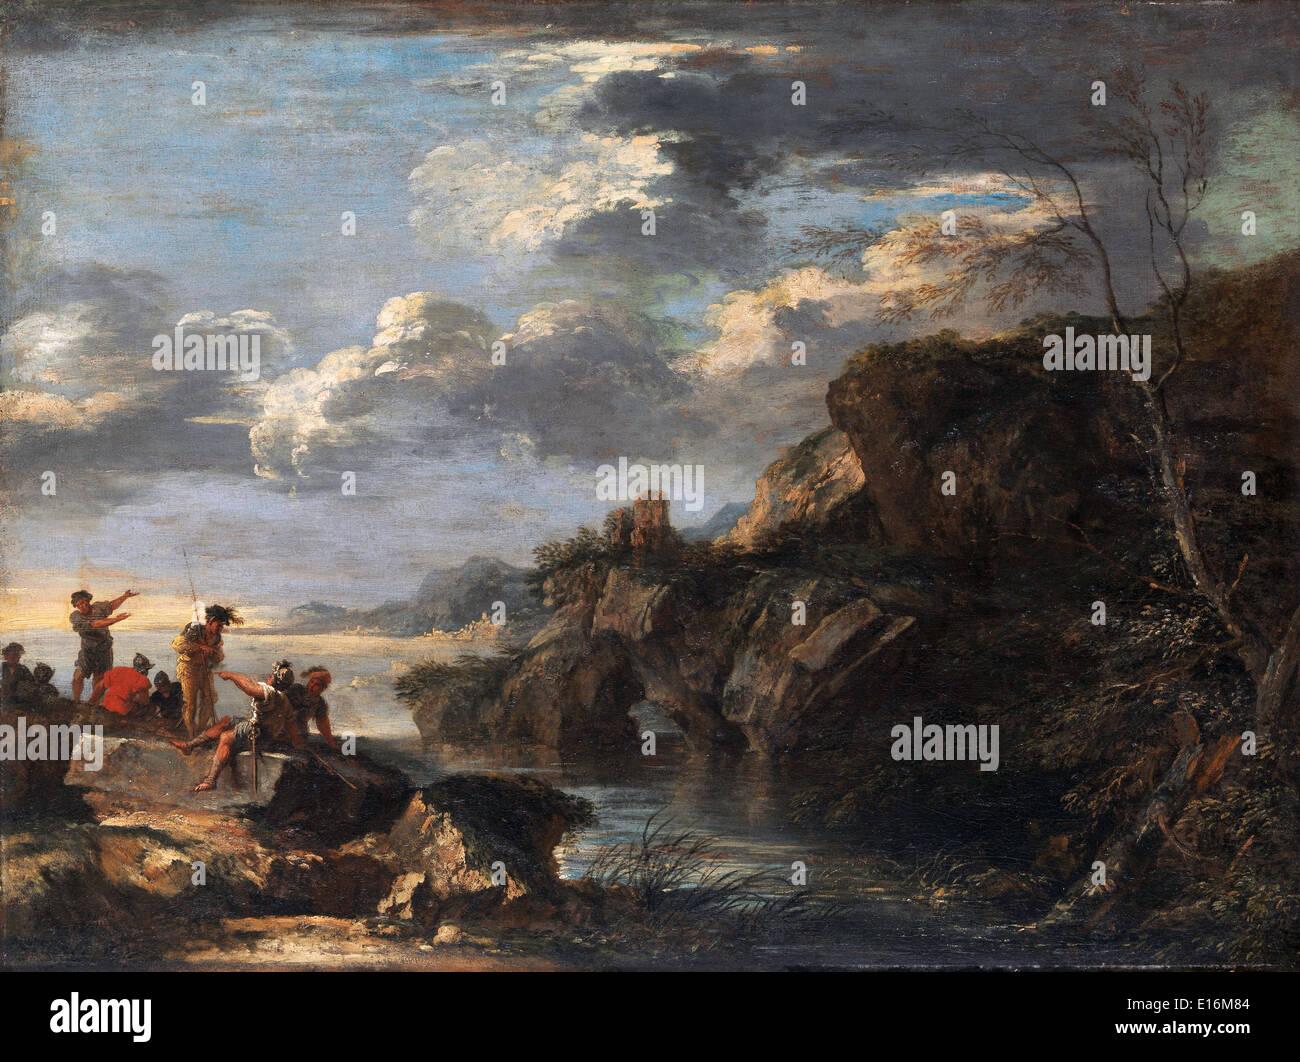 Les bandits sur côte rocheuse par Salvator Rosa, 1660 Photo Stock